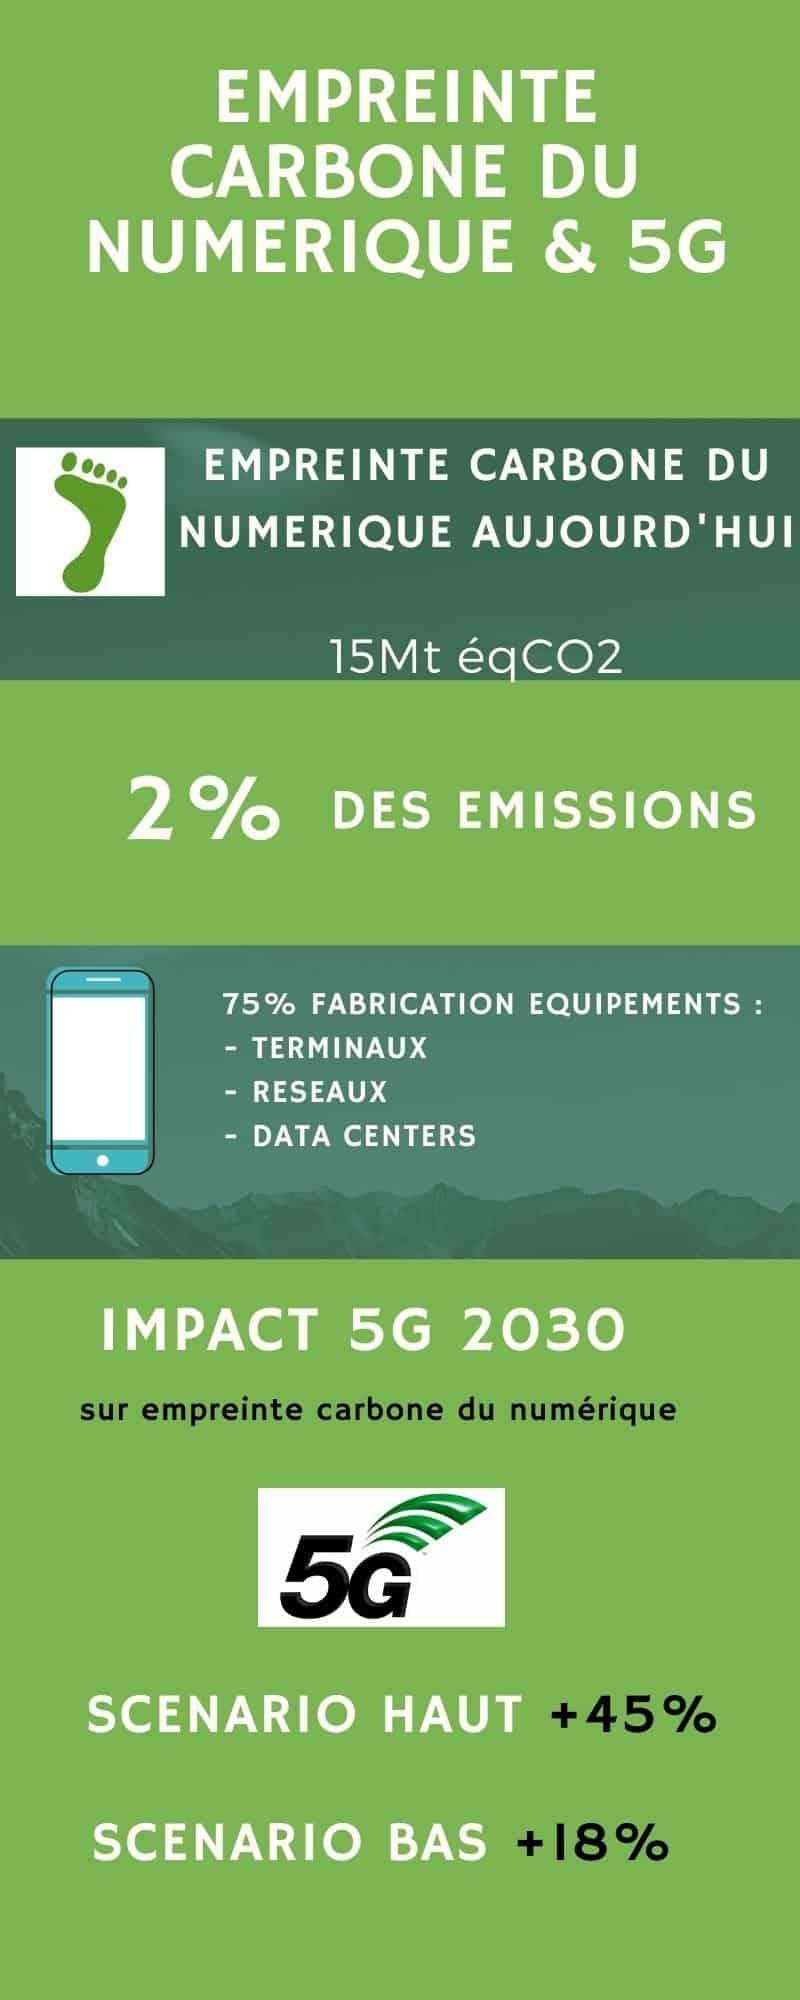 5G et empreinte carbone du numérique